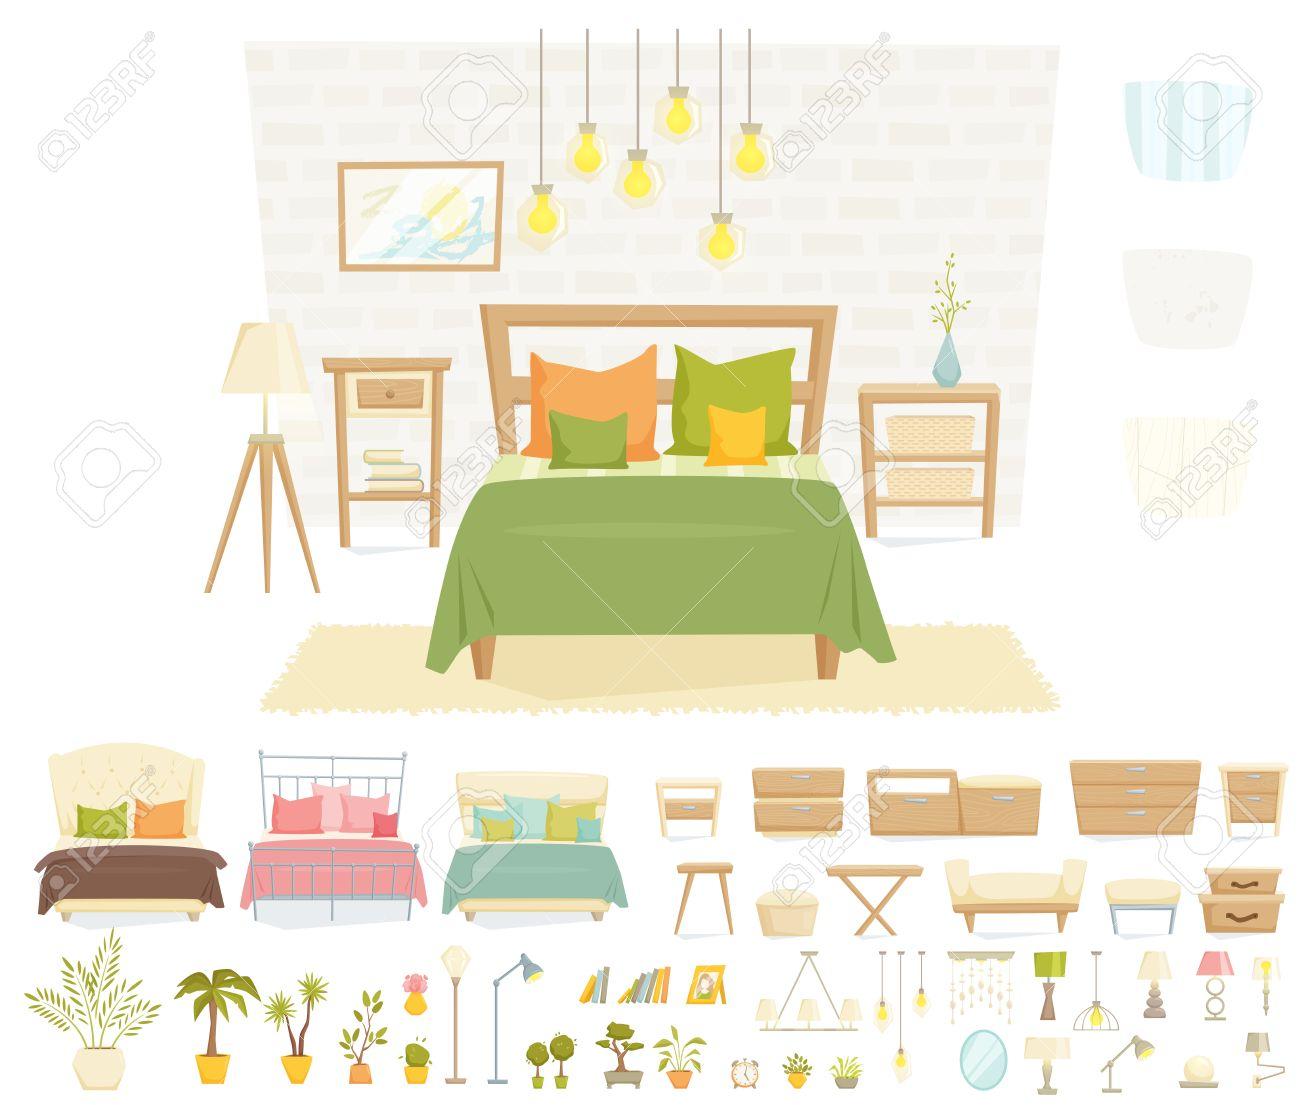 Interior Del Dormitorio Con Muebles Y Decoración Conjunto ...